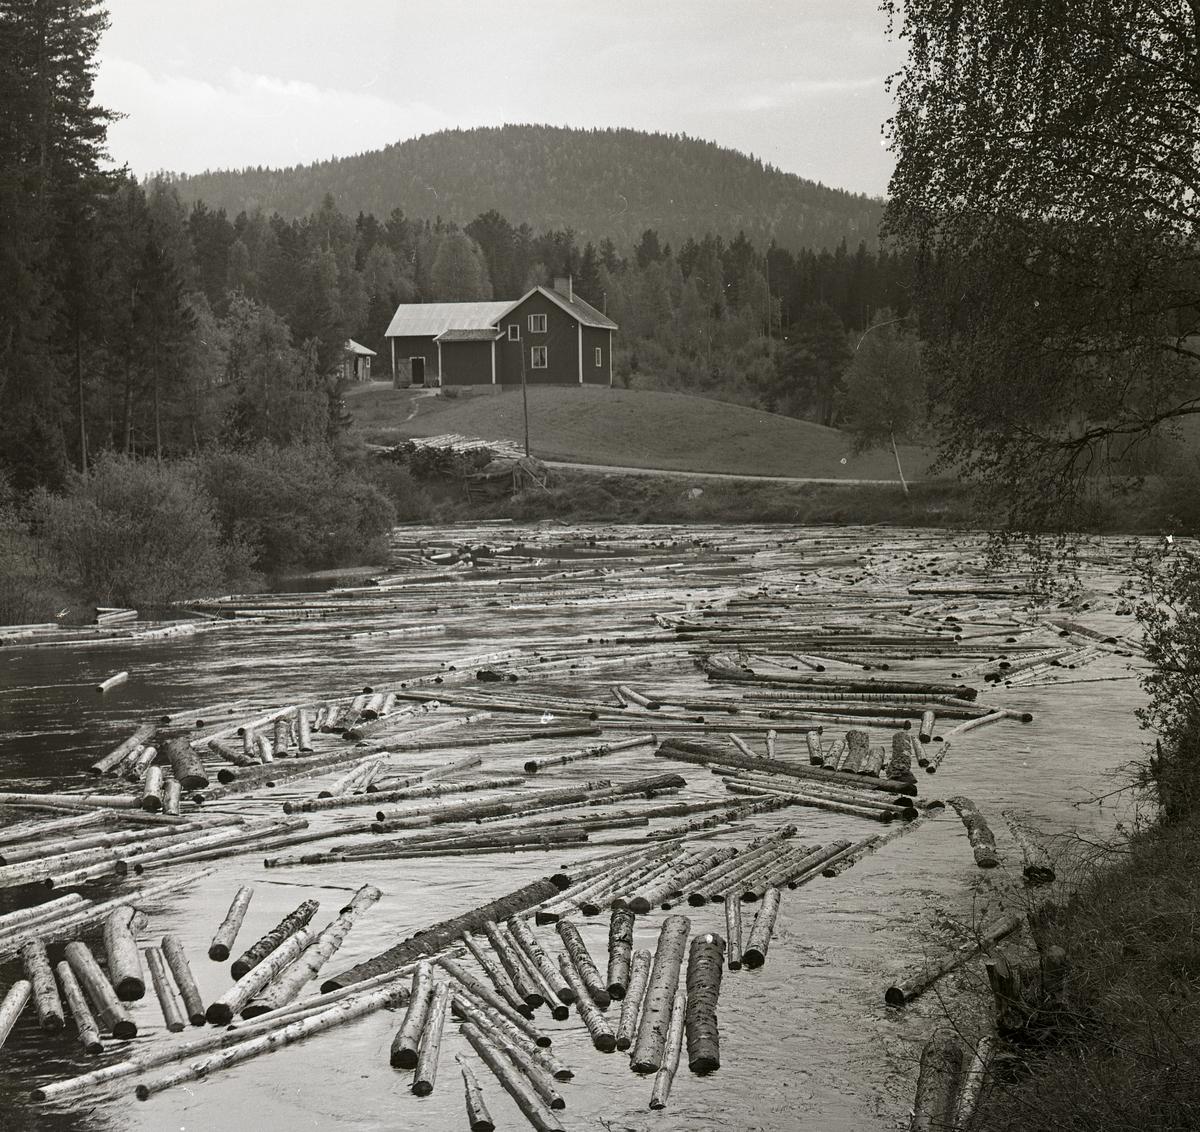 Timmer flyter i ån Svågan framför ett hus på en kulle, 1965.